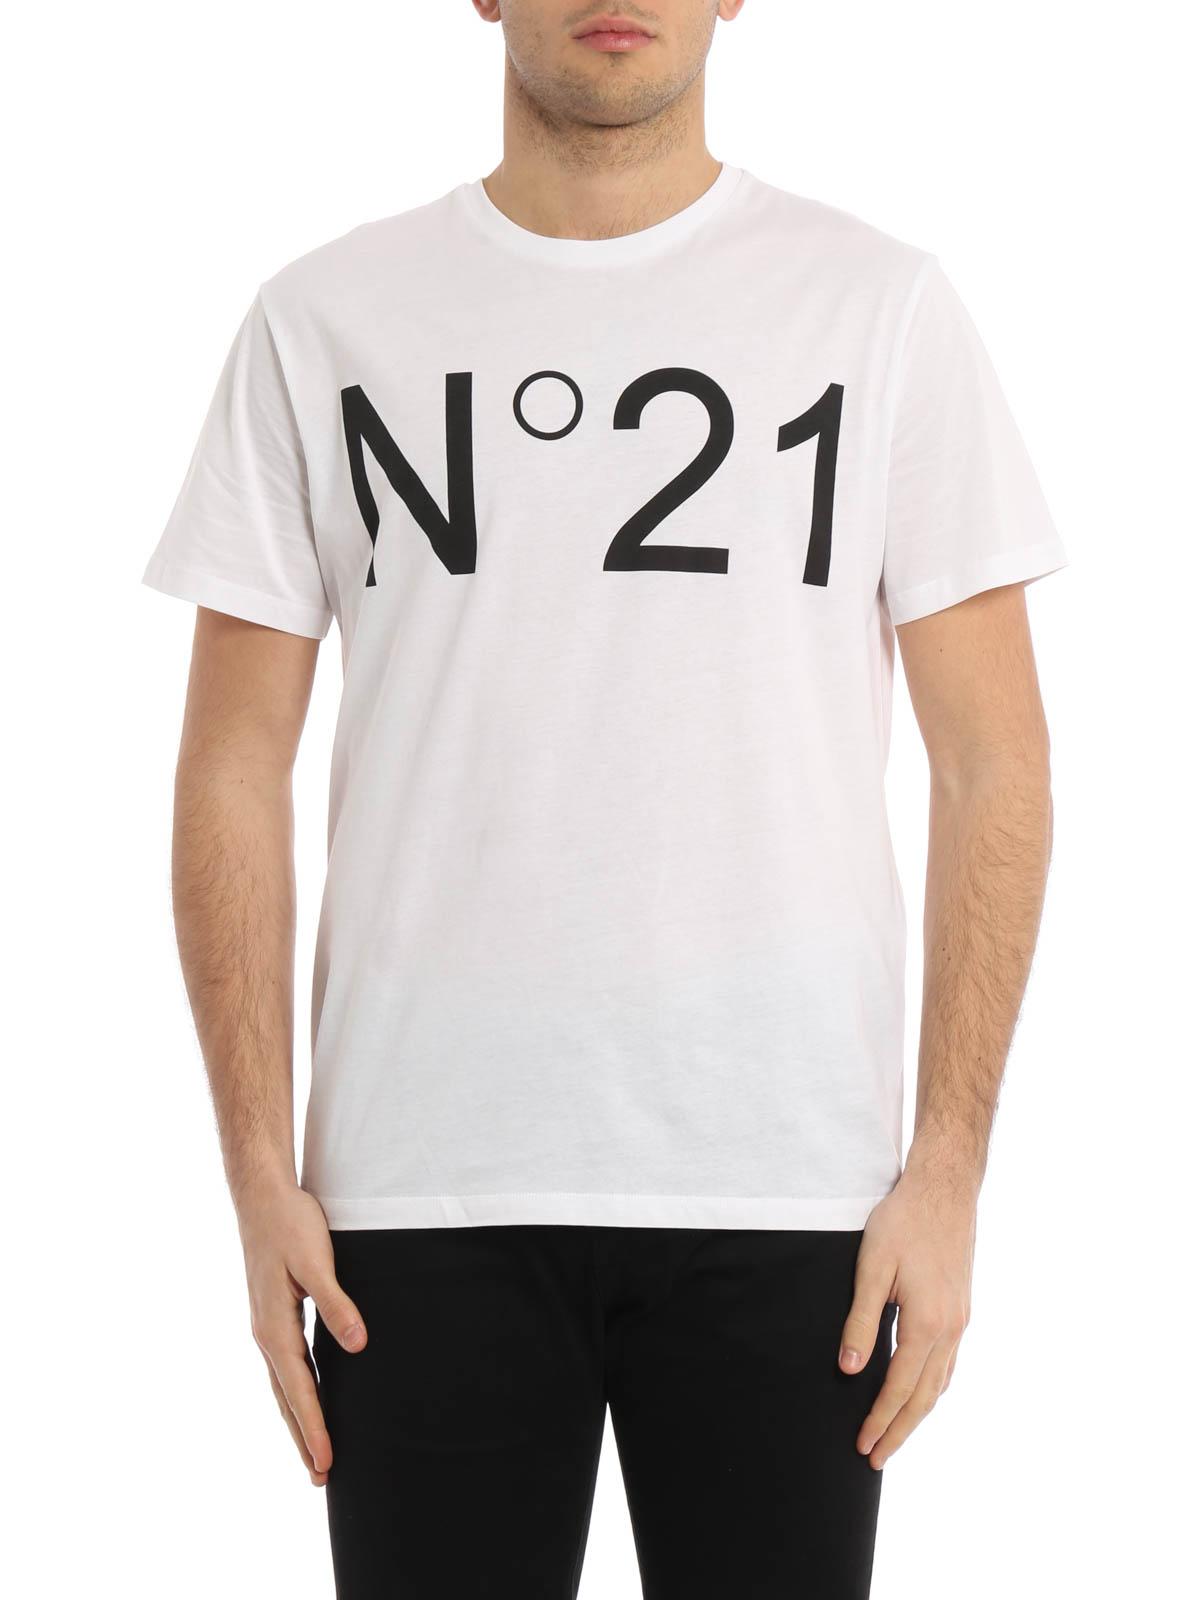 Logo Print T Shirt By N 21 T Shirts Ikrix